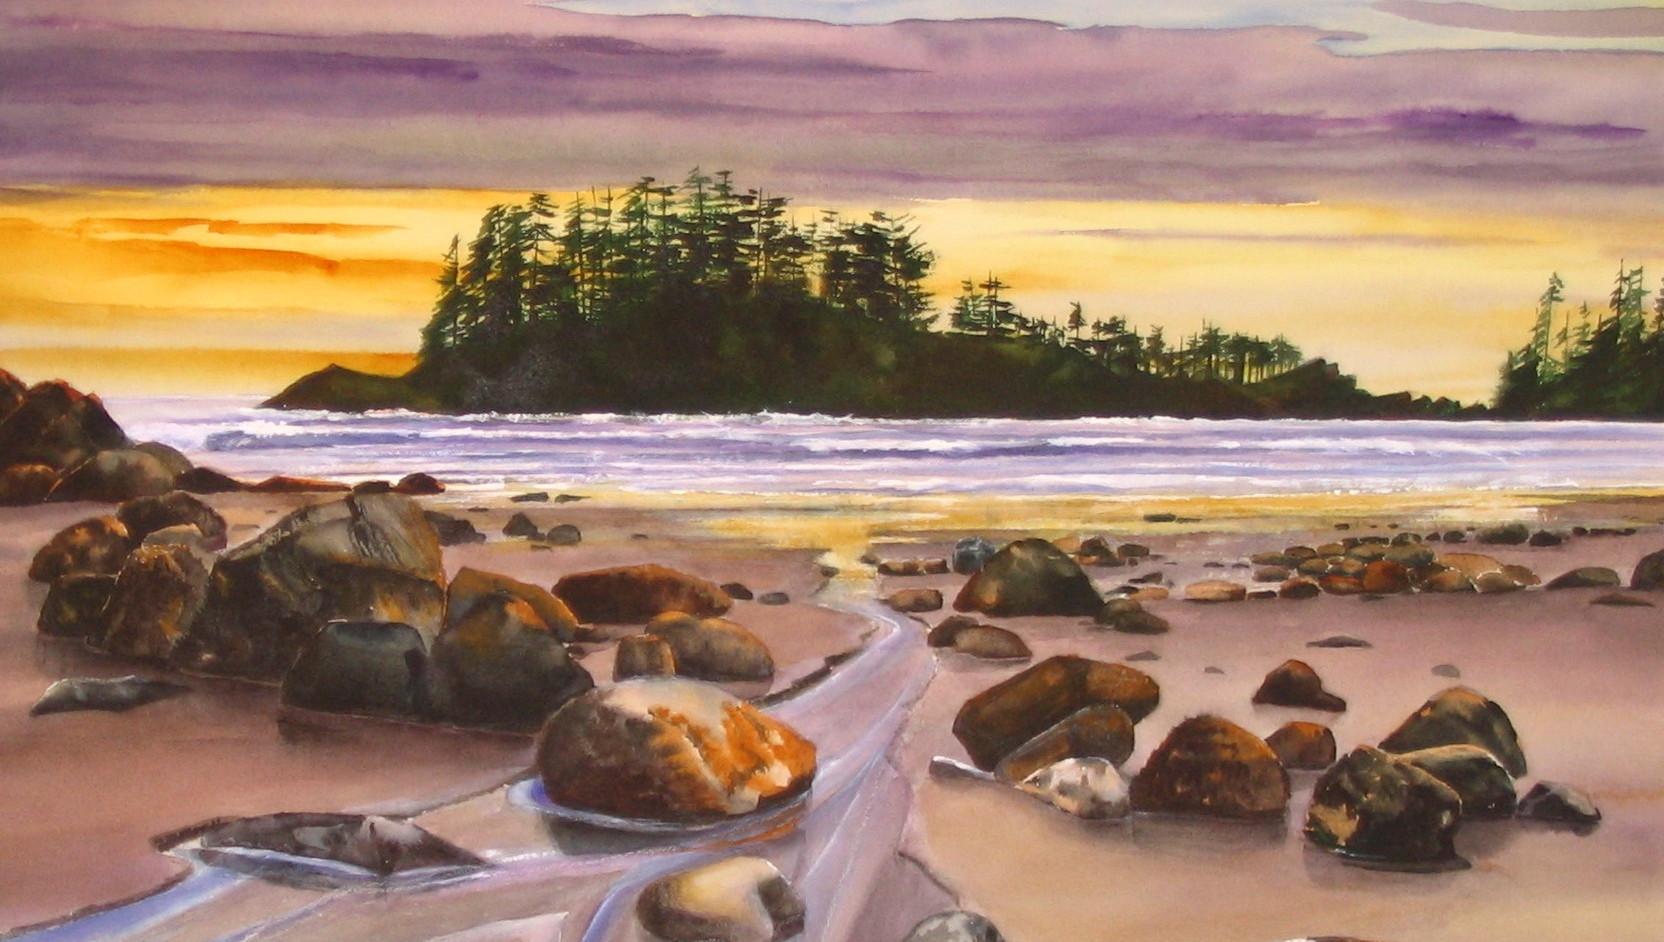 on-mackenzie-beach-cropped.jpg (1664×942)